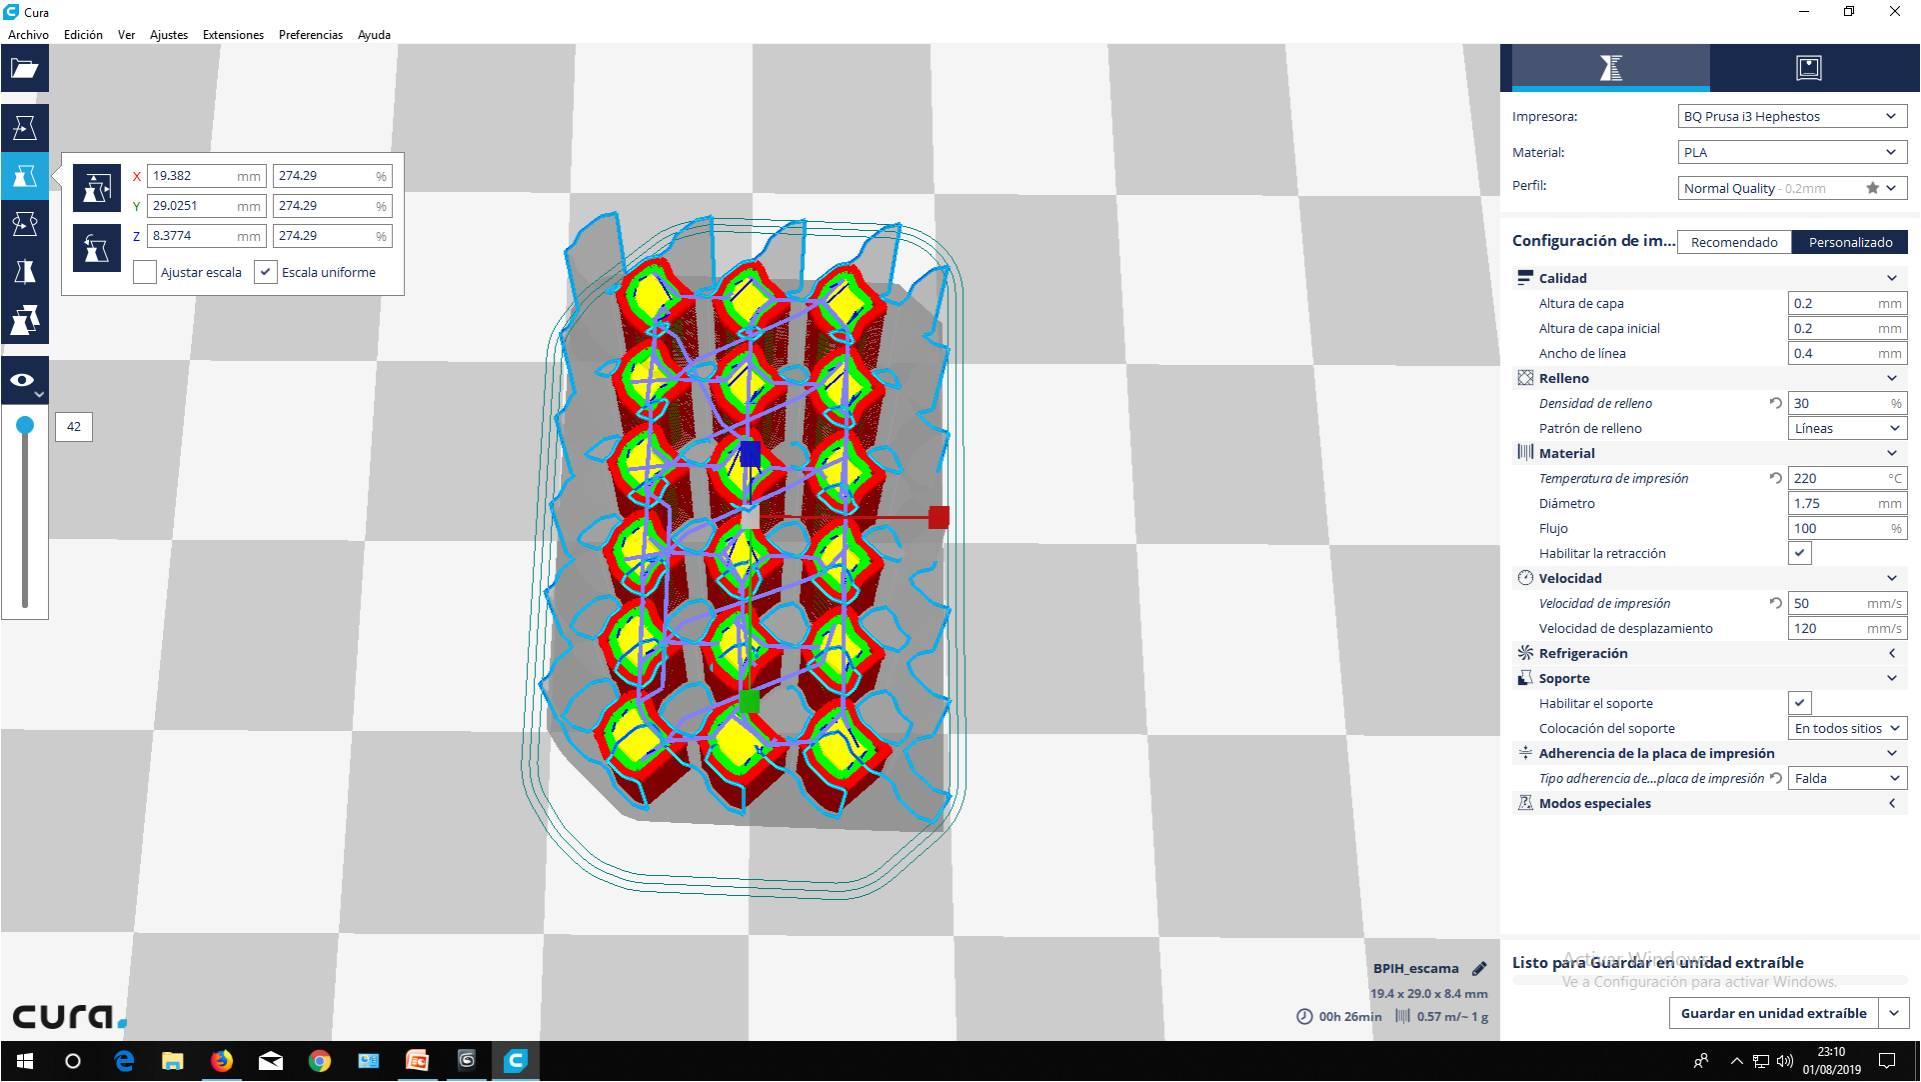 Problema al crear una tela de araña y pasarla a Cura-imagen2.jpg